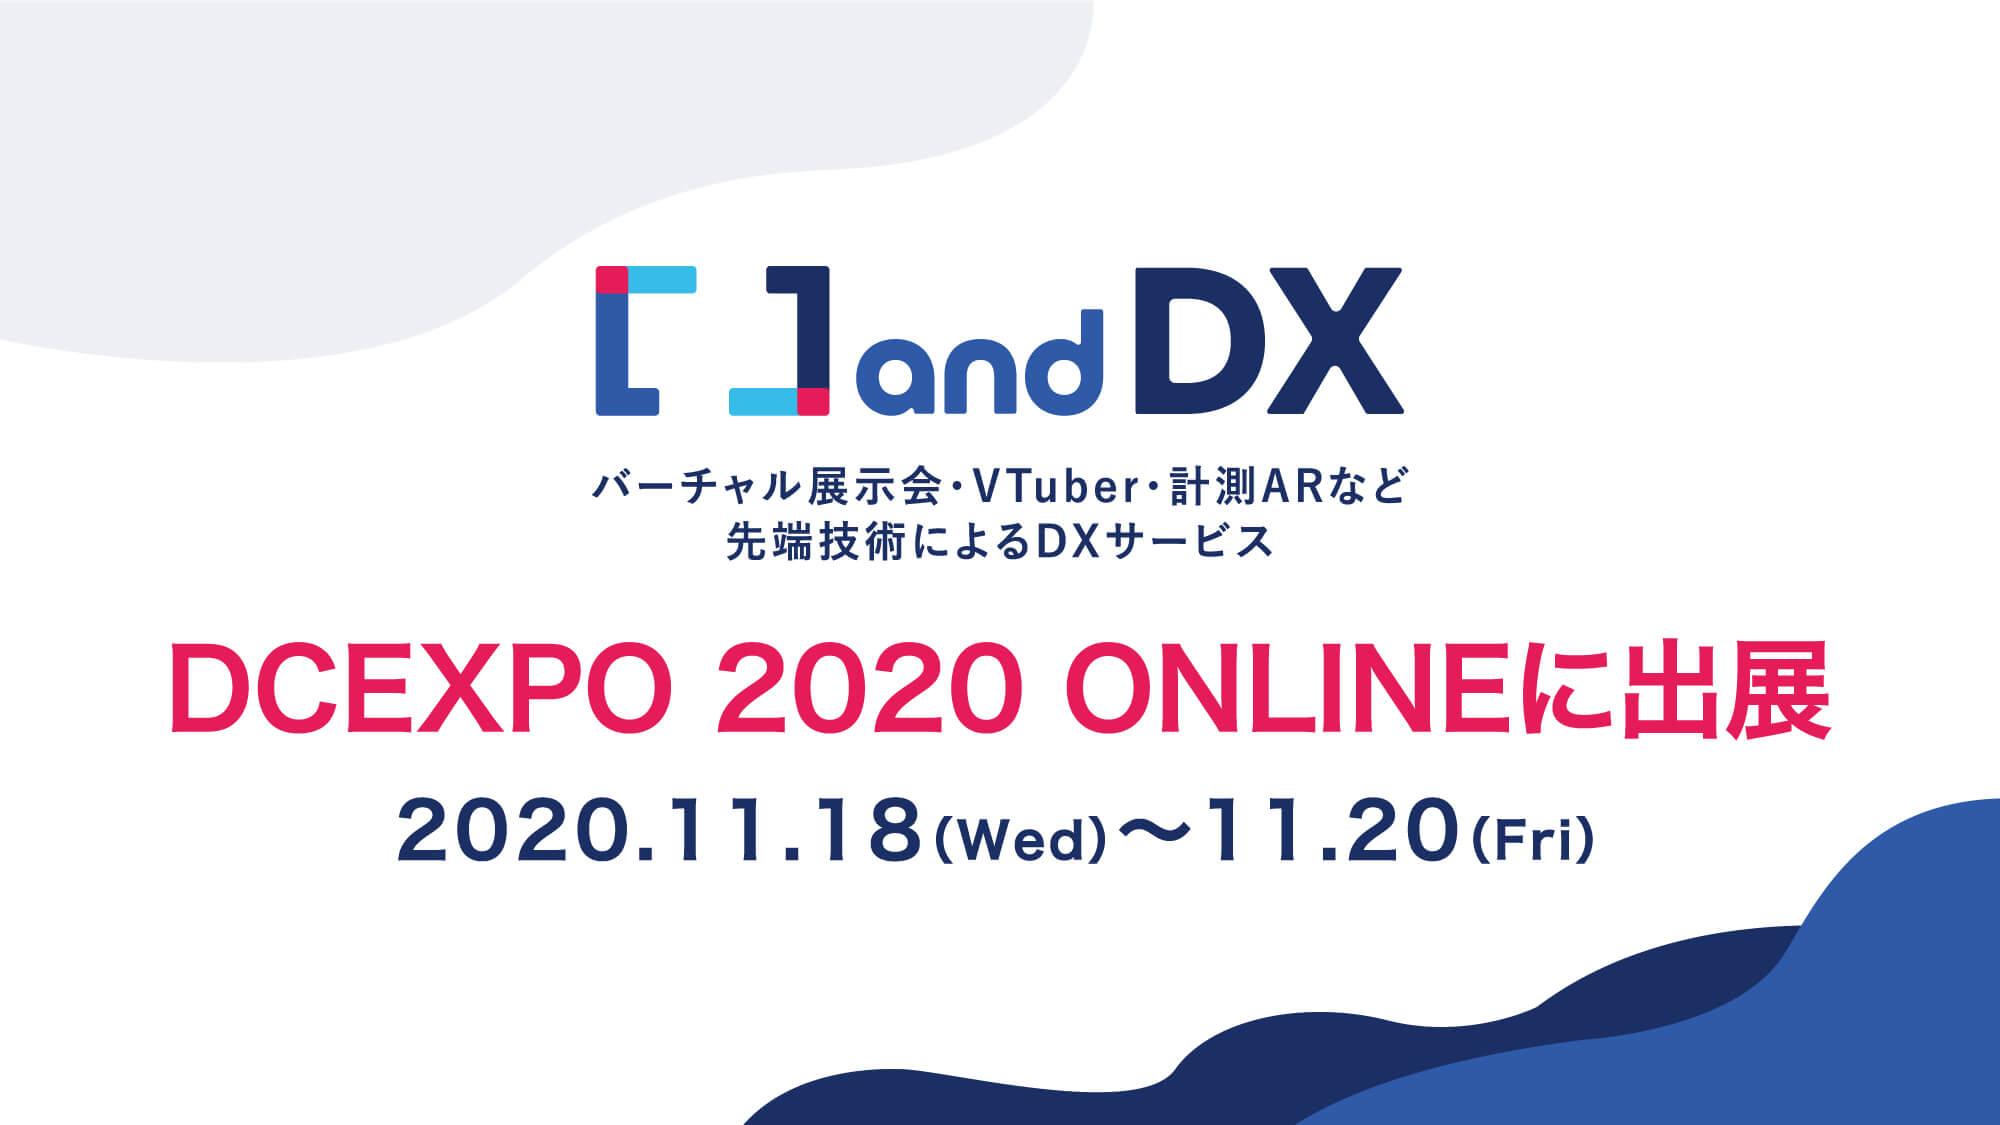 株式会社アイデアクラウド「デジタルコンテンツEXPO 2020 ONLINE」に出展決定。バーチャル展示会・VTuber・計測ARなど先端技術によるDXサービスを紹介。